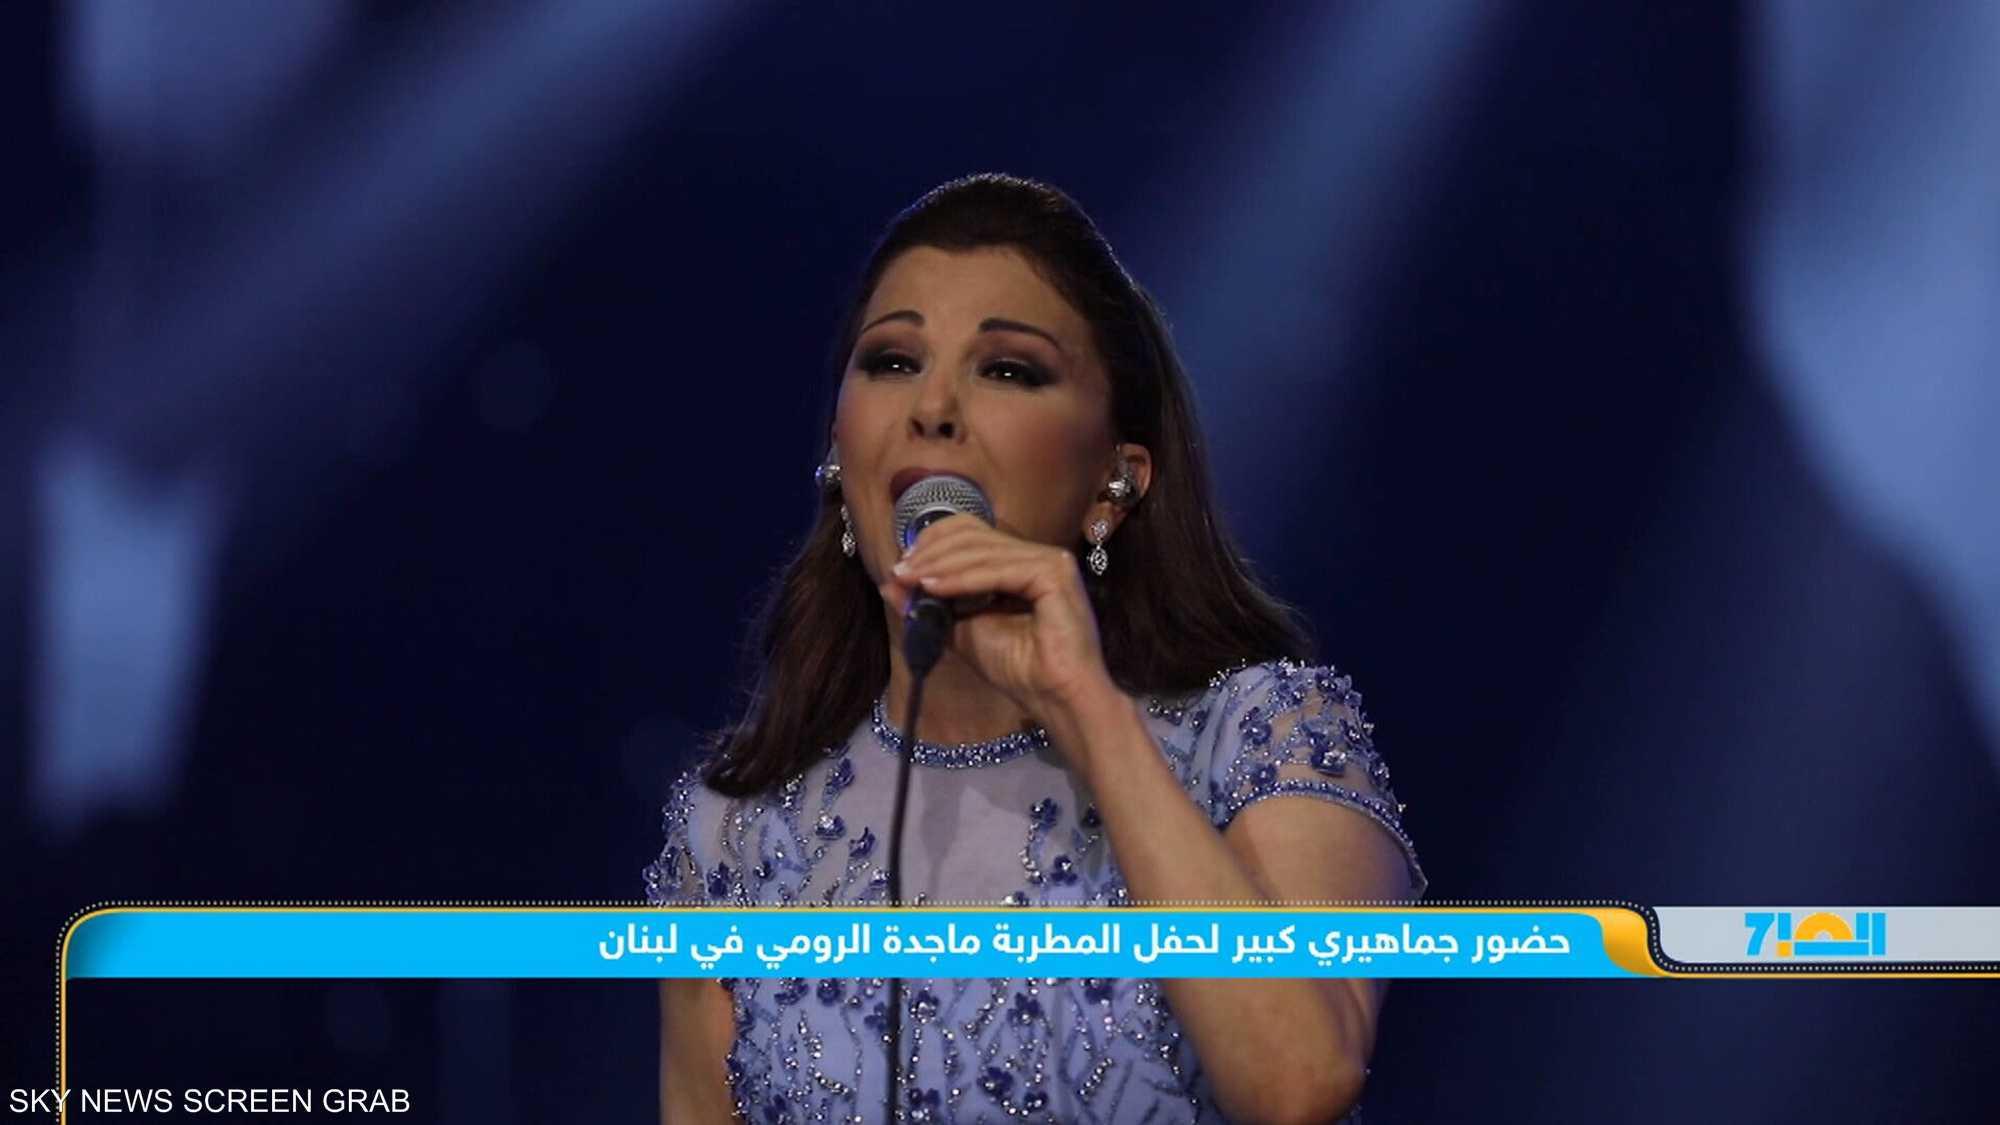 ماجدة الرومي تتألق في مهرجان جونية الدولي في لبنان